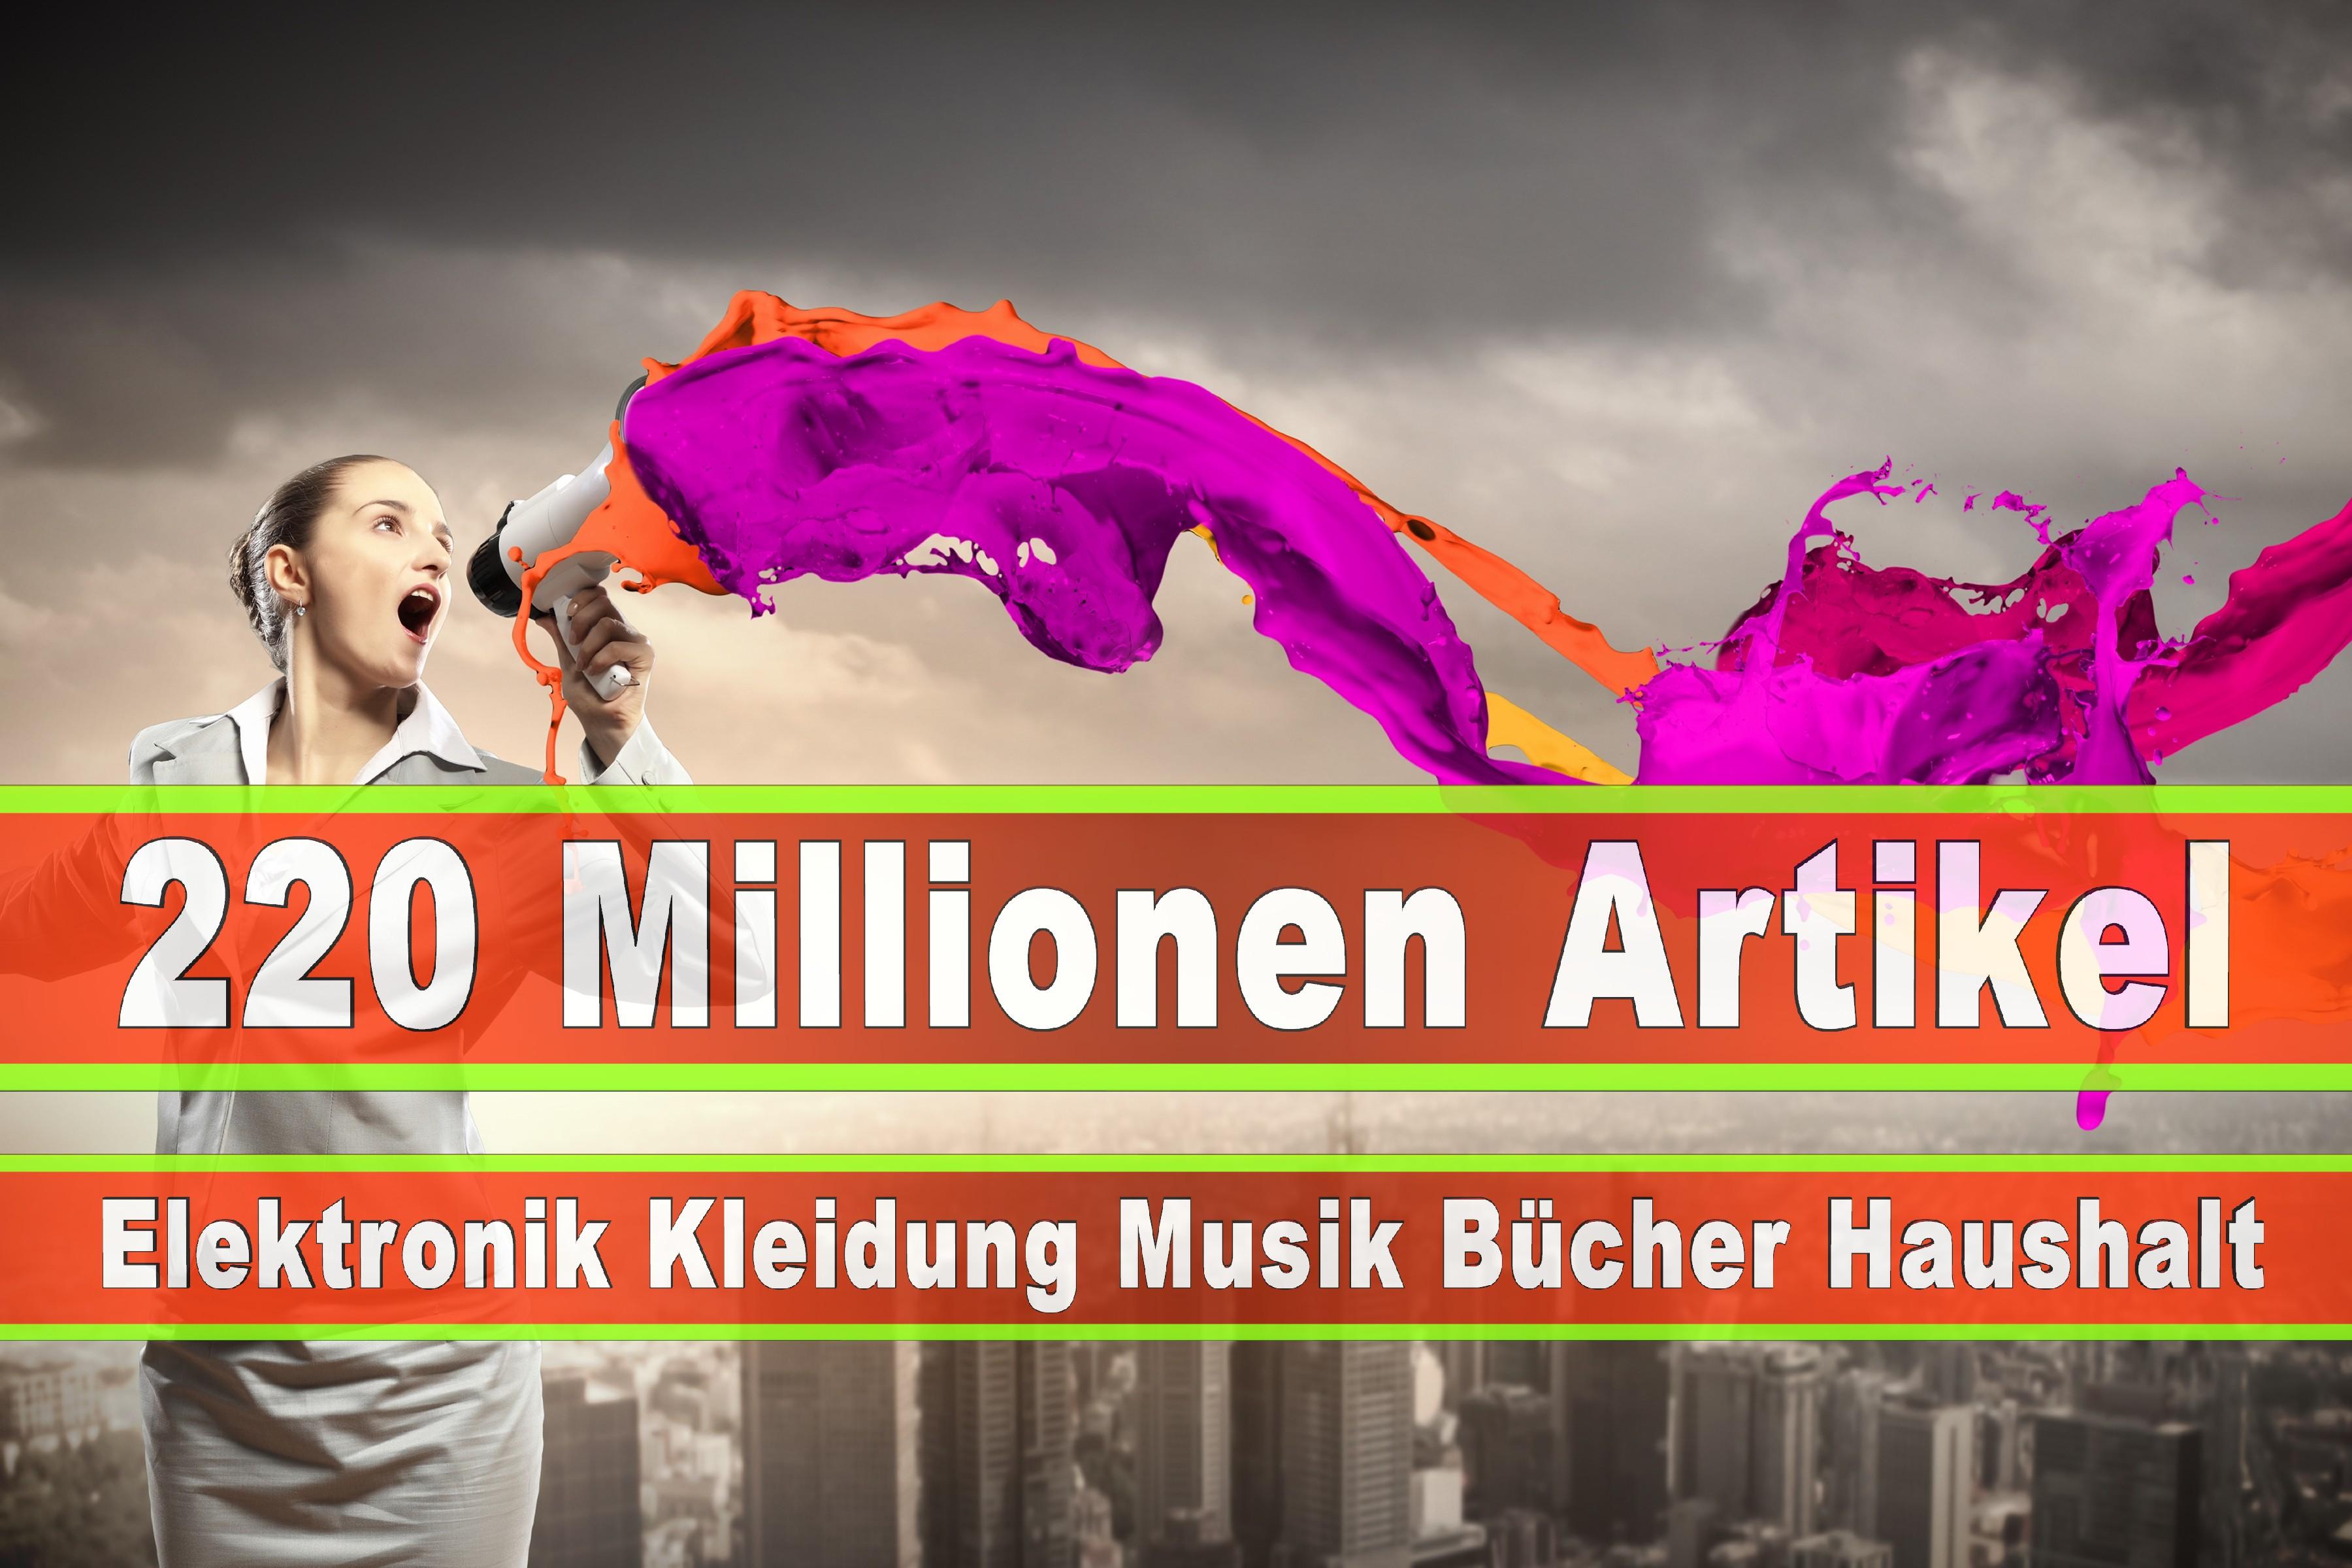 Amazon Elektronik Musik Haushalt Bücher CD DVD Handys Smartphones TV Television Fernseher Kleidung Mode Ebay Versandhaus (145)